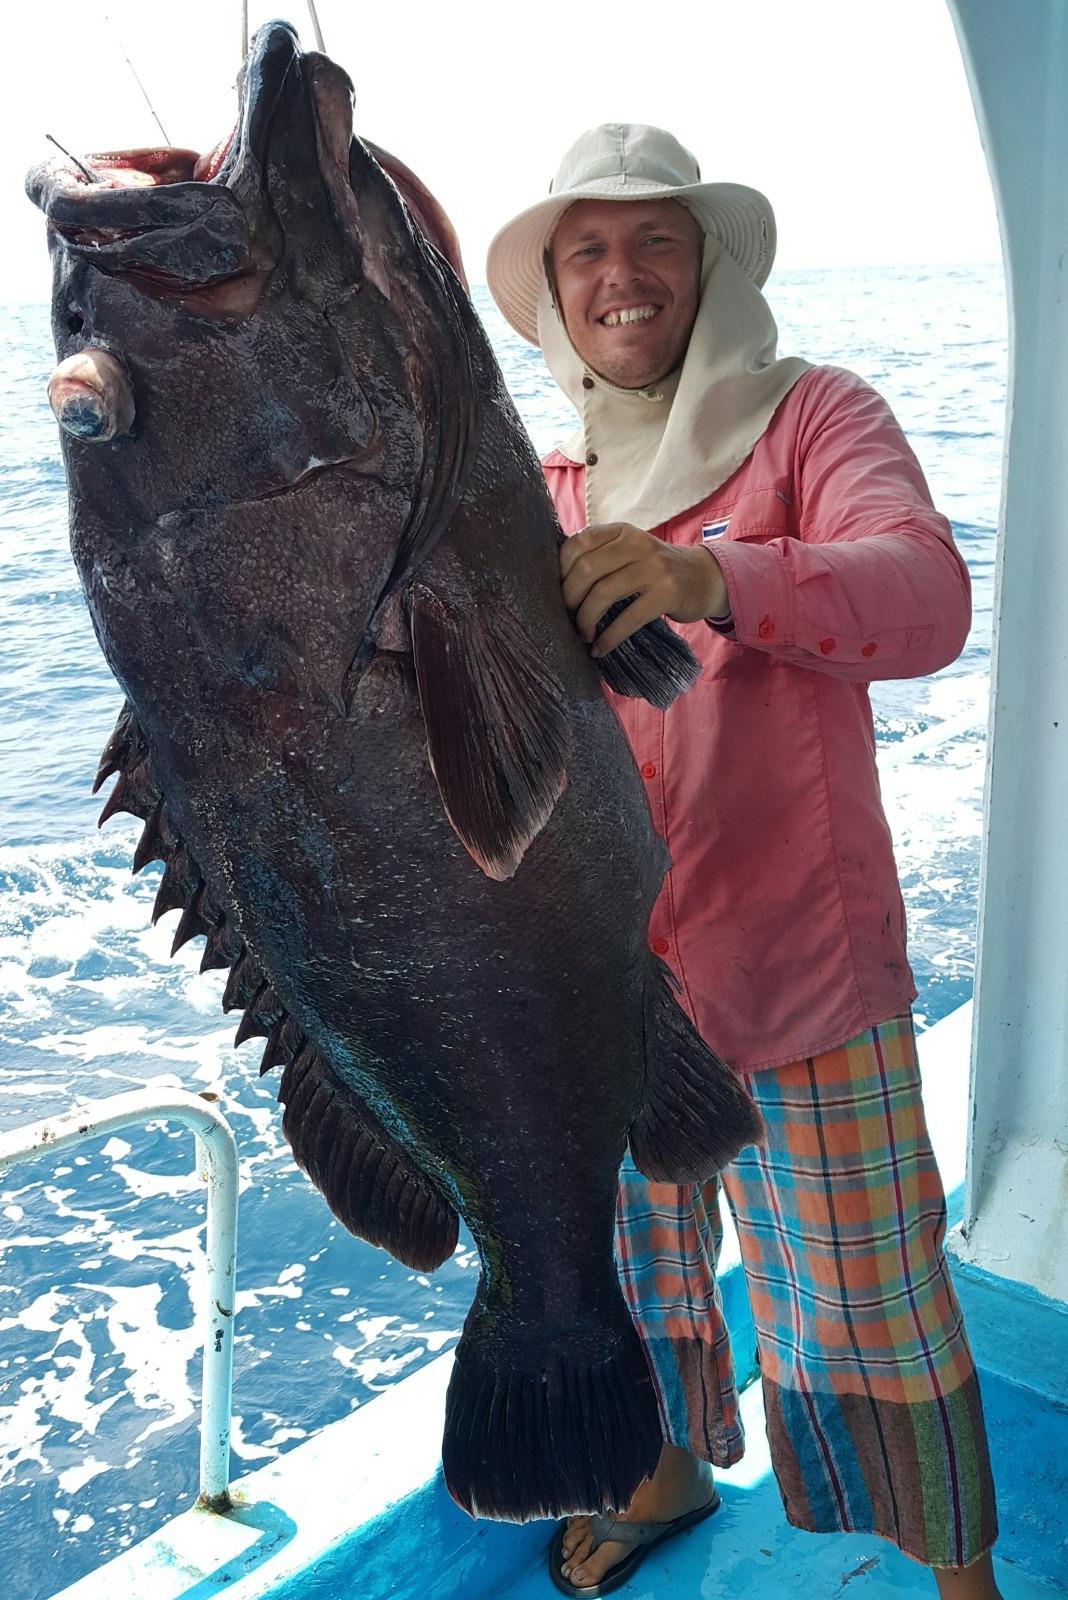 Морская рыбалка в Тайланде на Пхукете Андаманское море отдых туры отзывы цены фото и видео